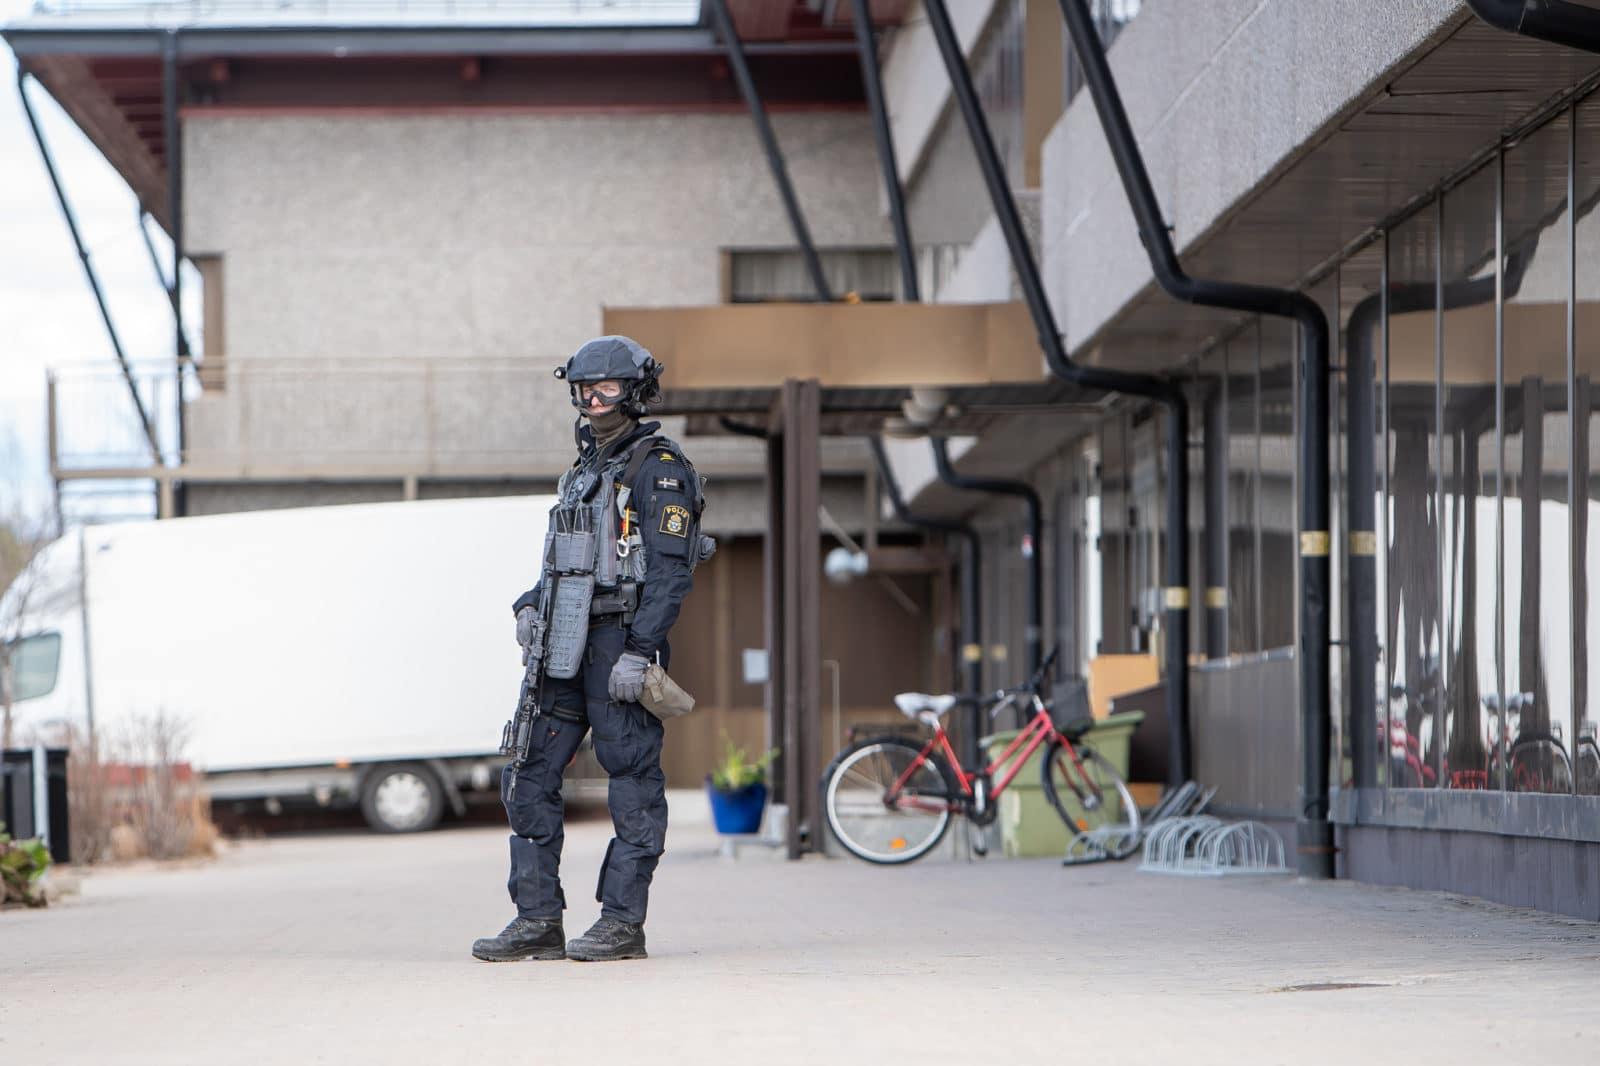 Medborgarhuset i Sveg spärrades av efter att en kommunal verksamhet mottagit ett hot. Tungt beväpnad polis anlände vid 15-tiden på onsdagen, även polishelikopter var på plats. Foto: Morgan Grip